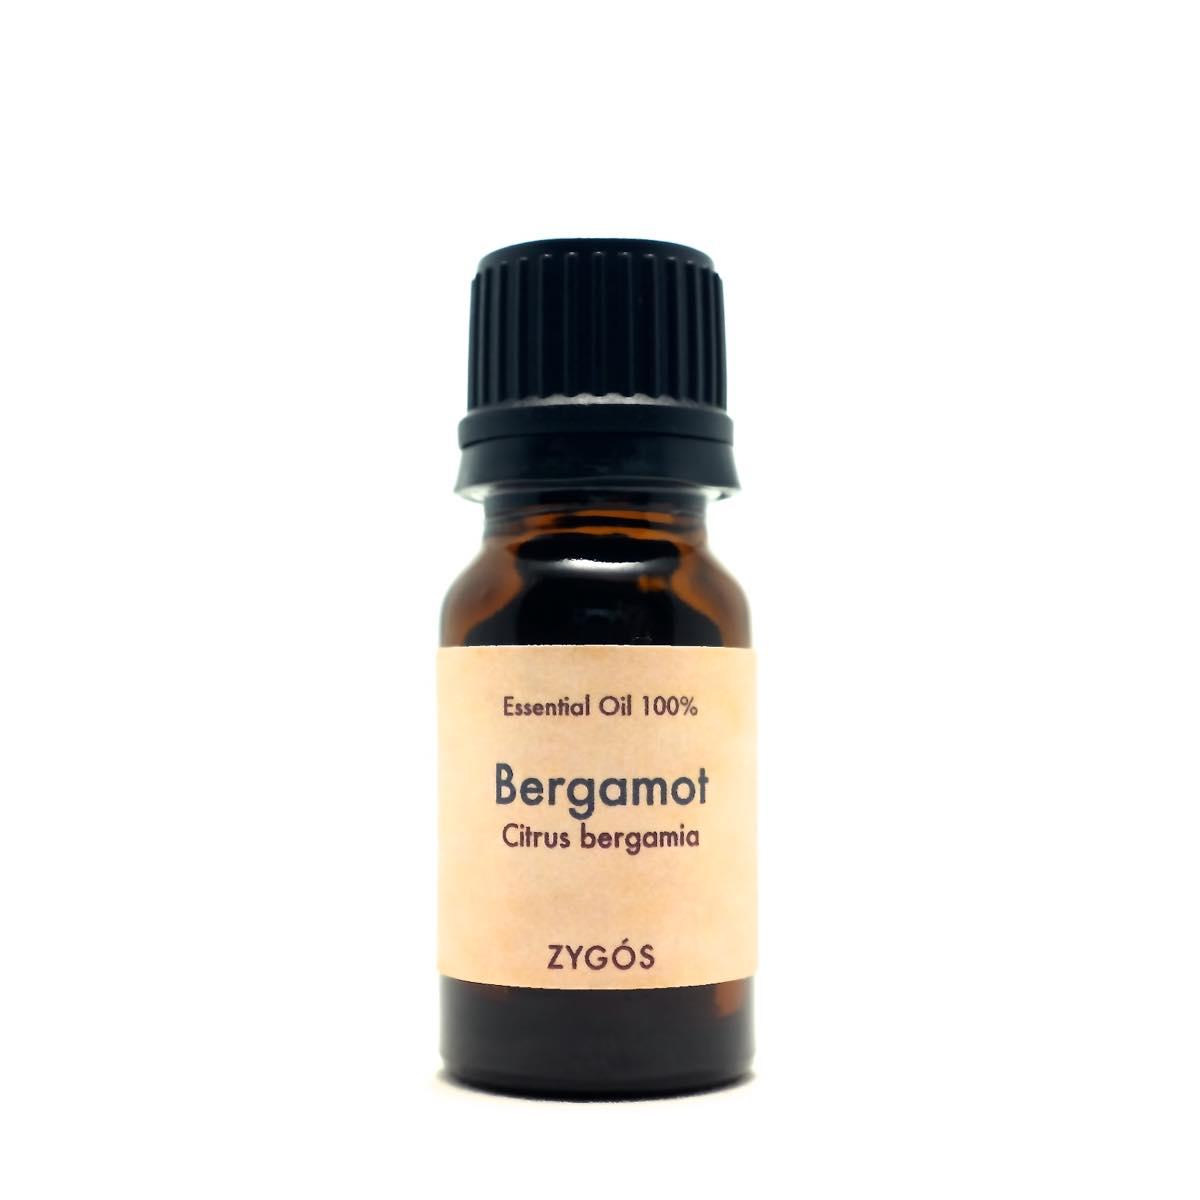 市場 フローラルで清々しく爽やかな柑橘系の香り 卓出 エッセンシャルオイル100% 10ml ※業務用卸価格 ベルガモット